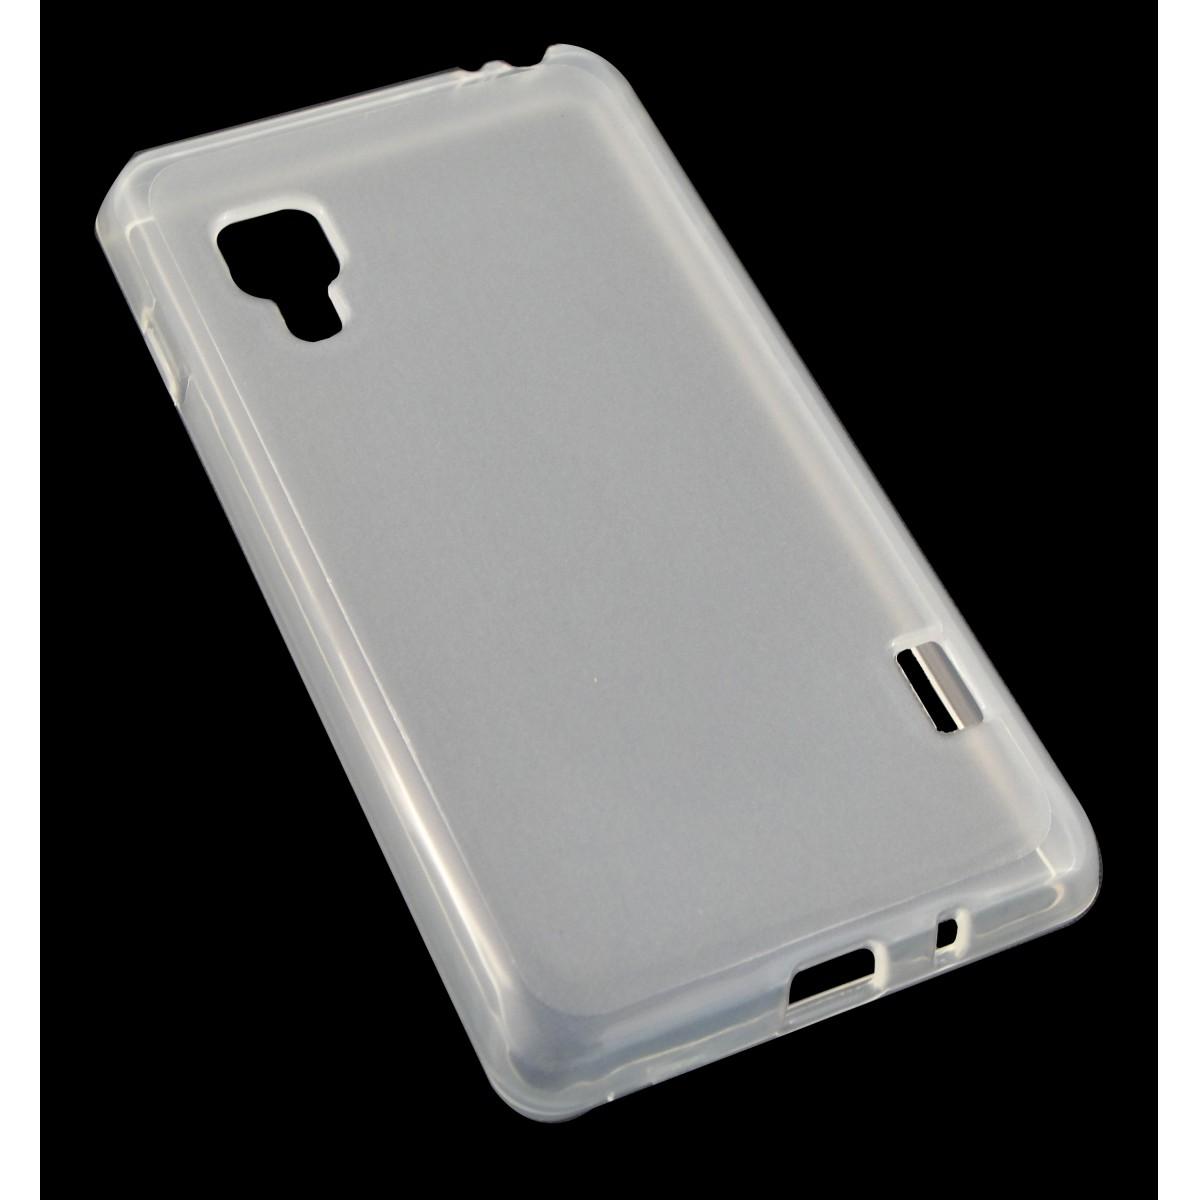 Capa TPU Transparente LG Optimus II L5 E455 + Película Flexível